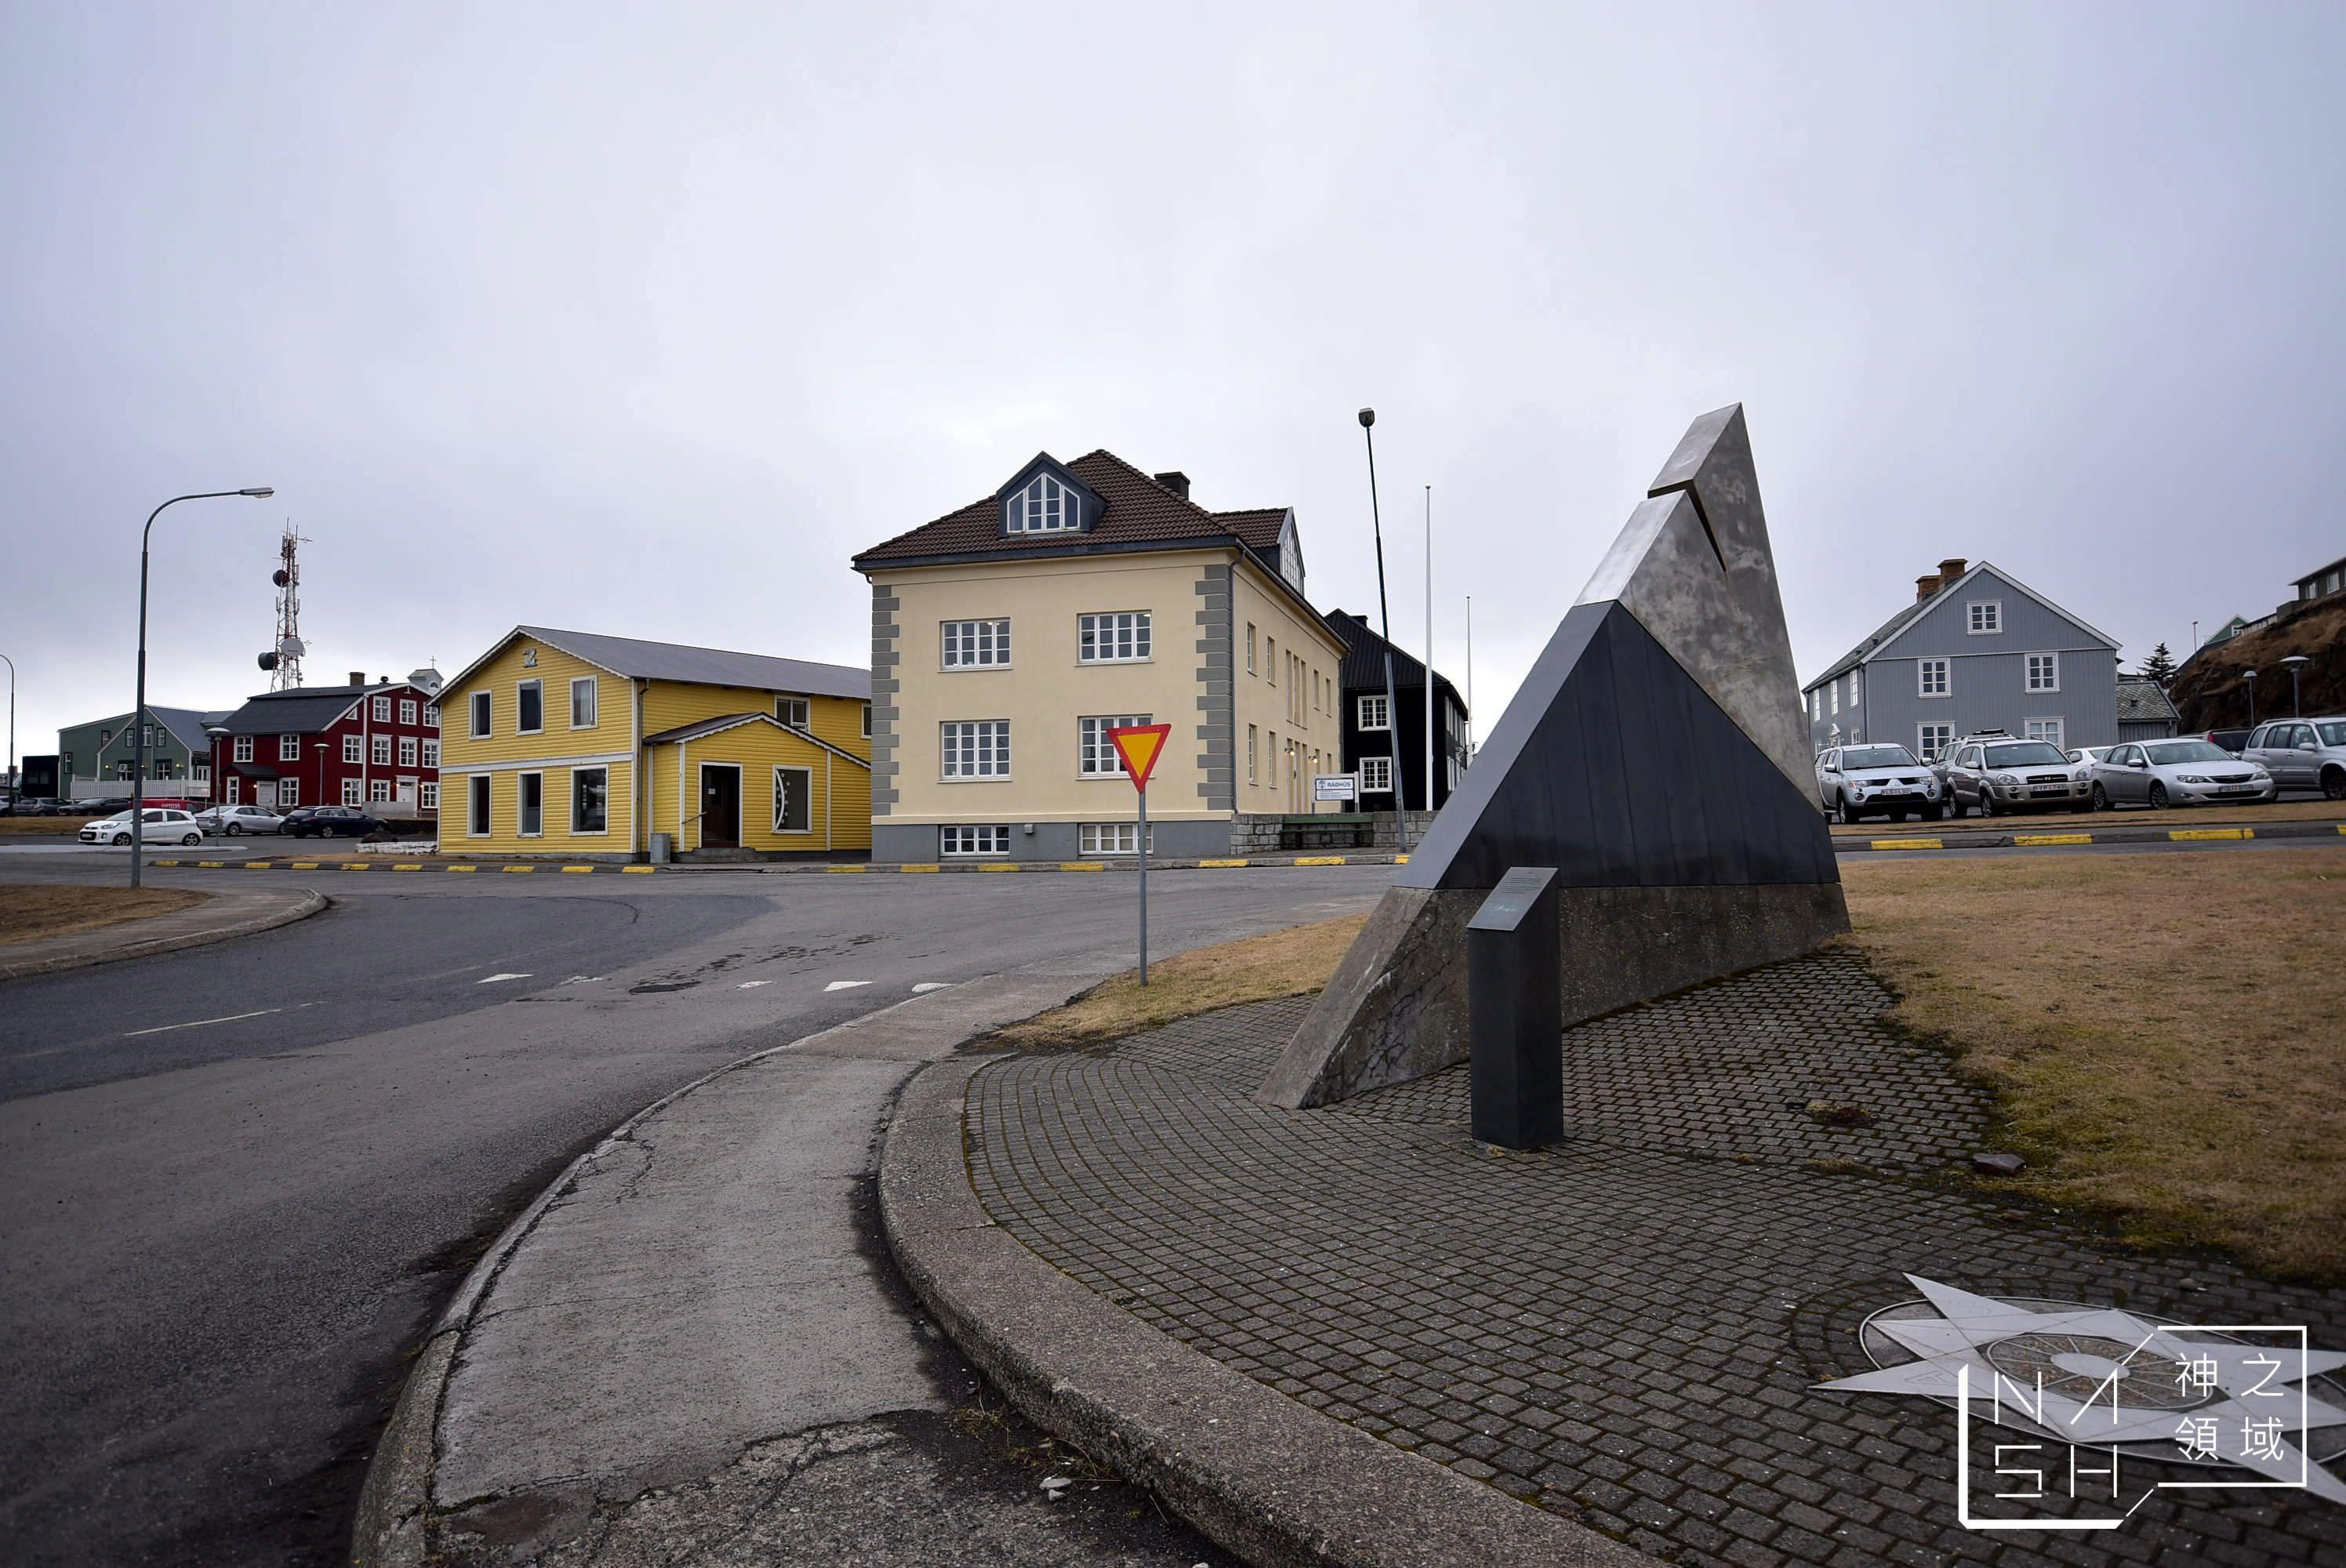 冰島自由行環島景點推薦,斯蒂基斯霍爾米,Stykkisholmur,白日夢冒險王靴子酒吧,靴子酒吧,白日夢冒險王